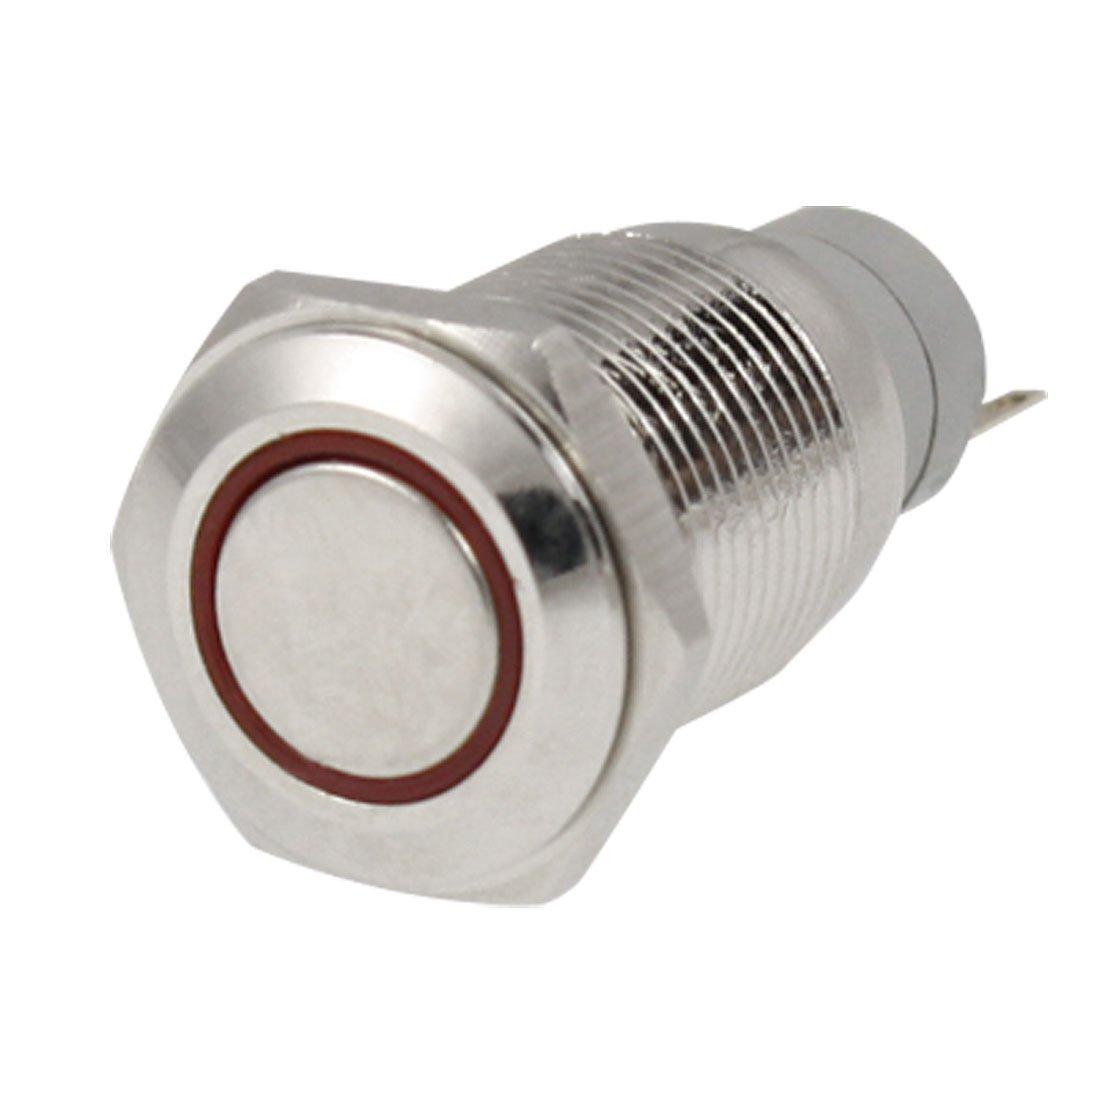 TOOGOO Engelsauge rote LED 16mm 12V Metall momentaner Druckknopf-Schalter R